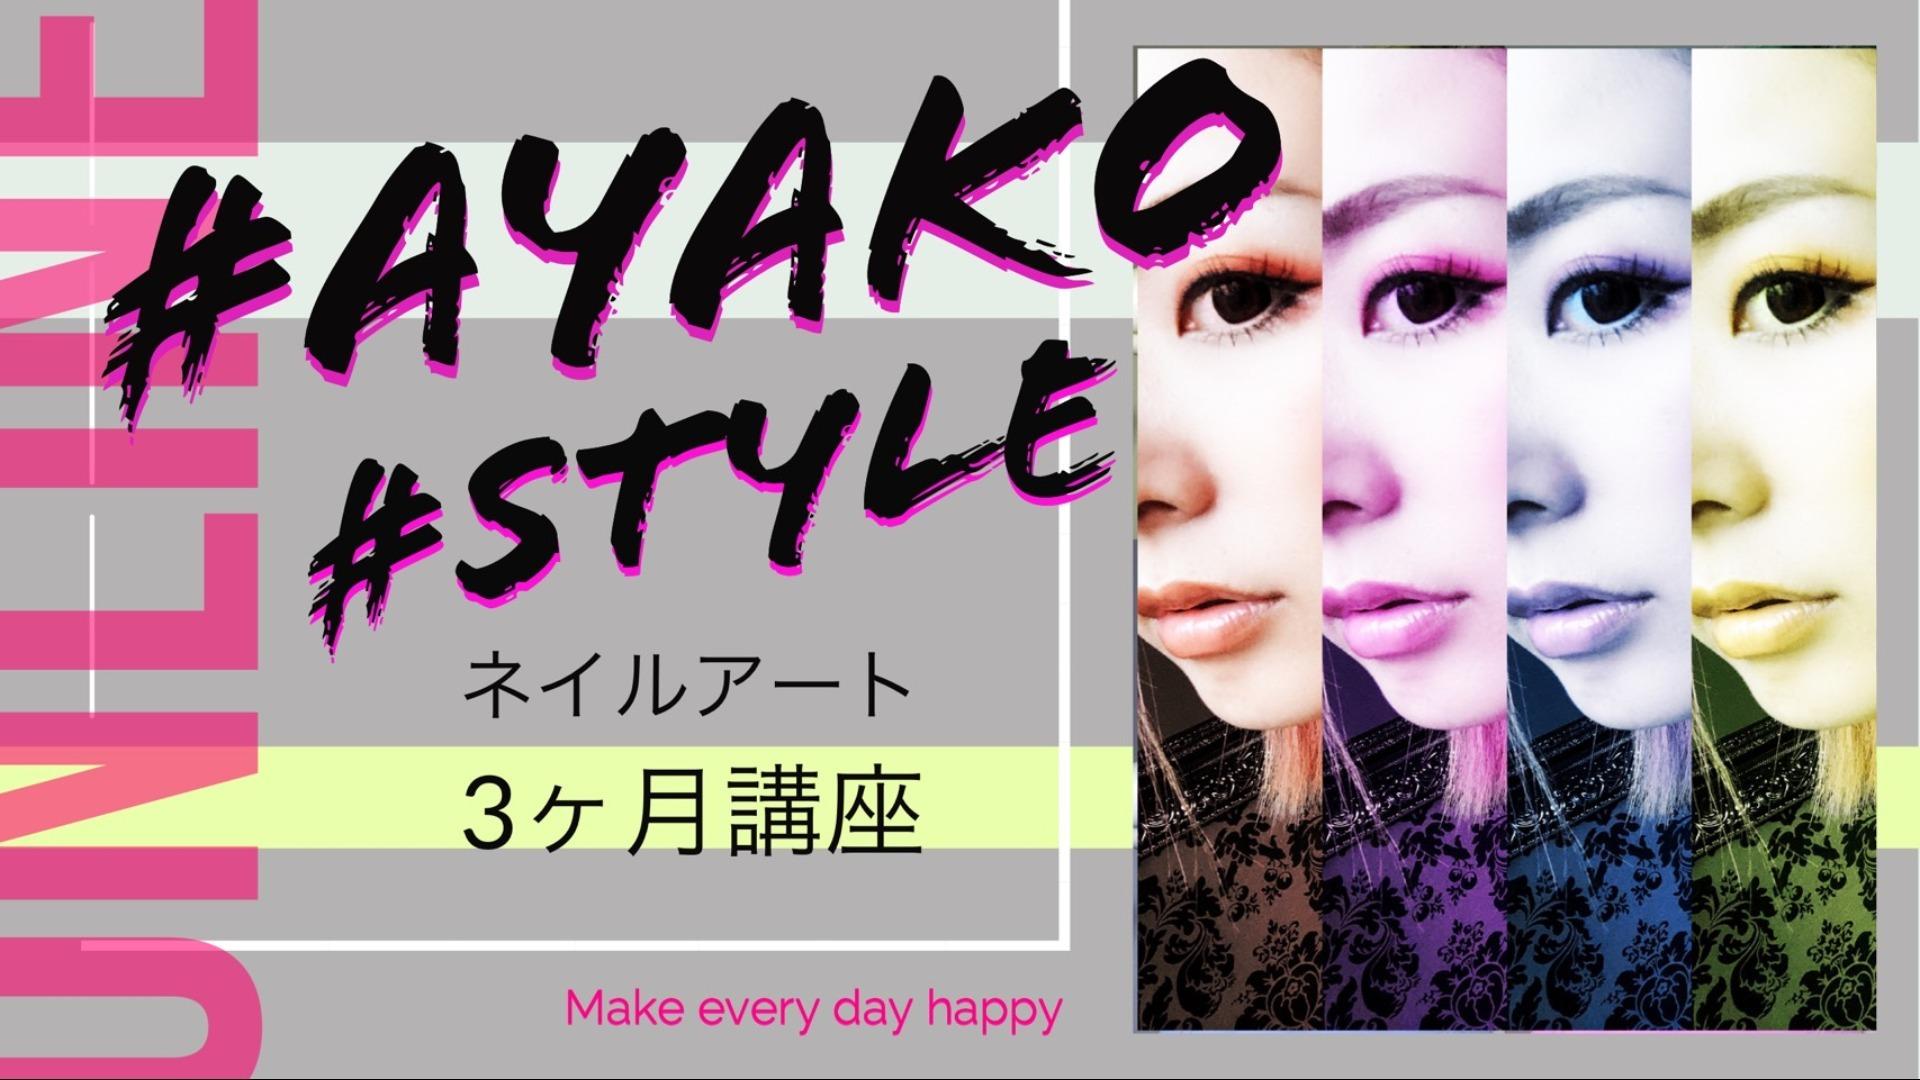 【9/1開講】 AYAKO styleで学べる!ネイルアート3ヶ月講座